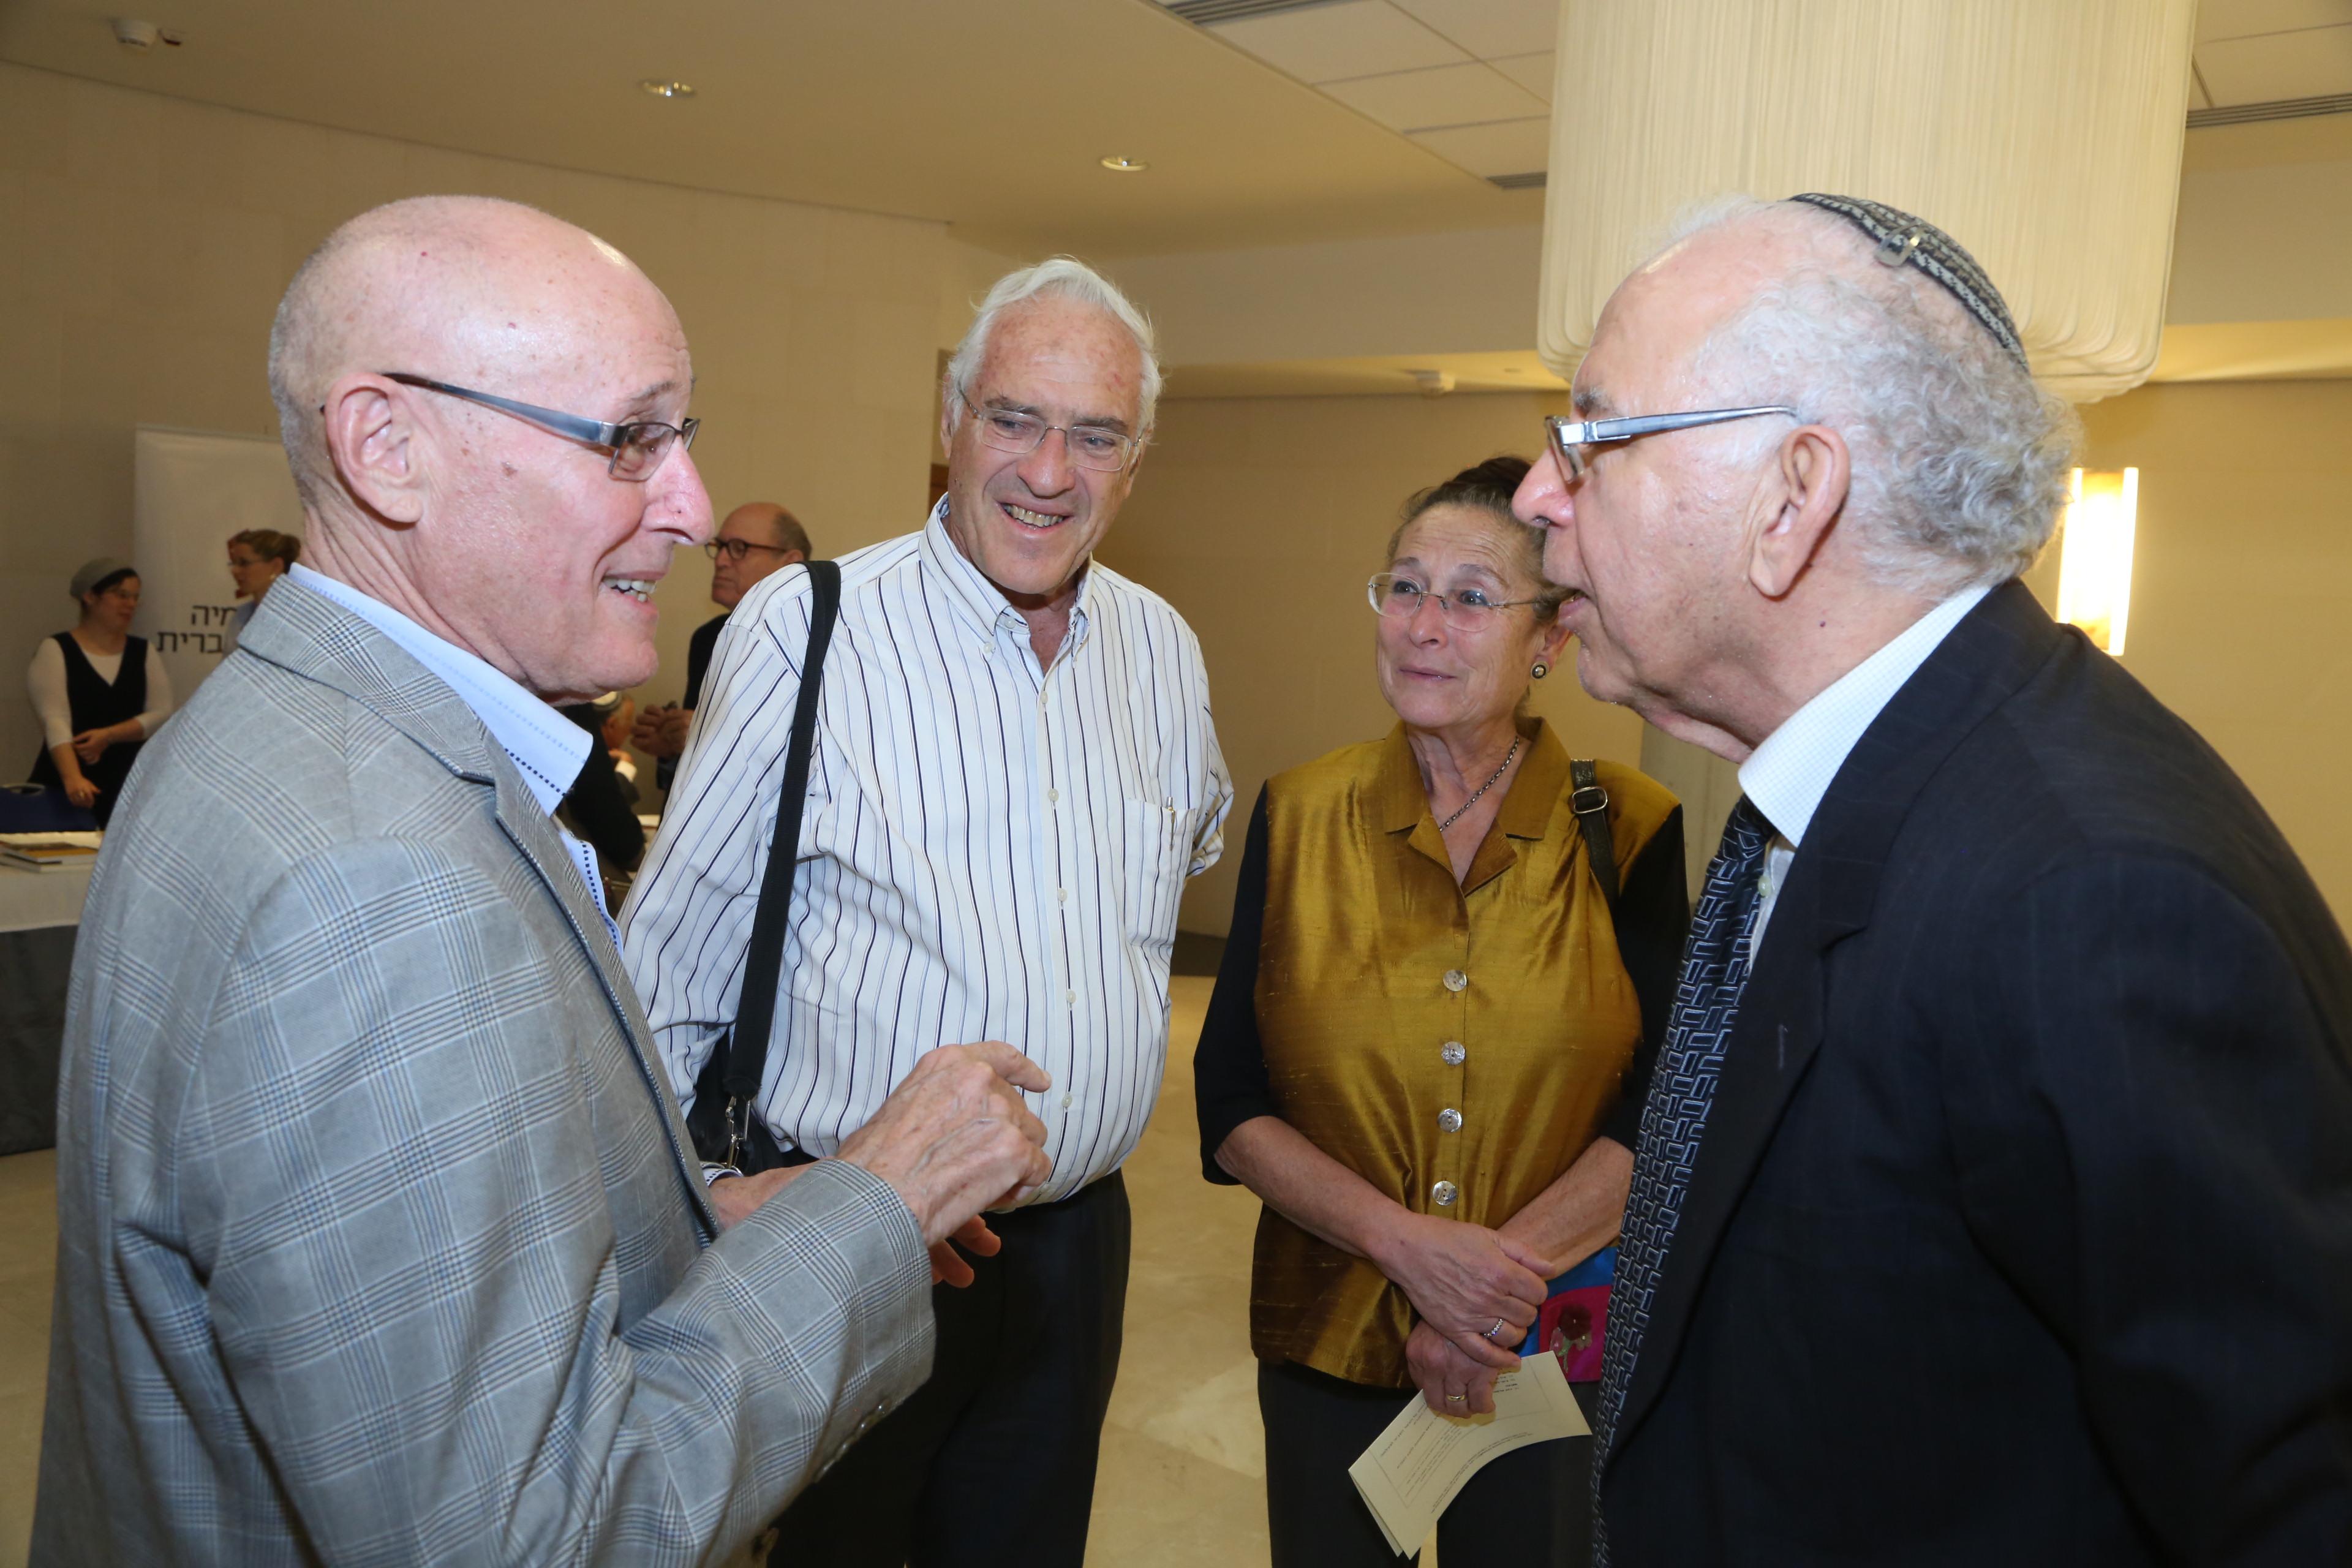 פרופ' משה בר-אשר, רותי גימון, פרופ' צבי גימון, ?